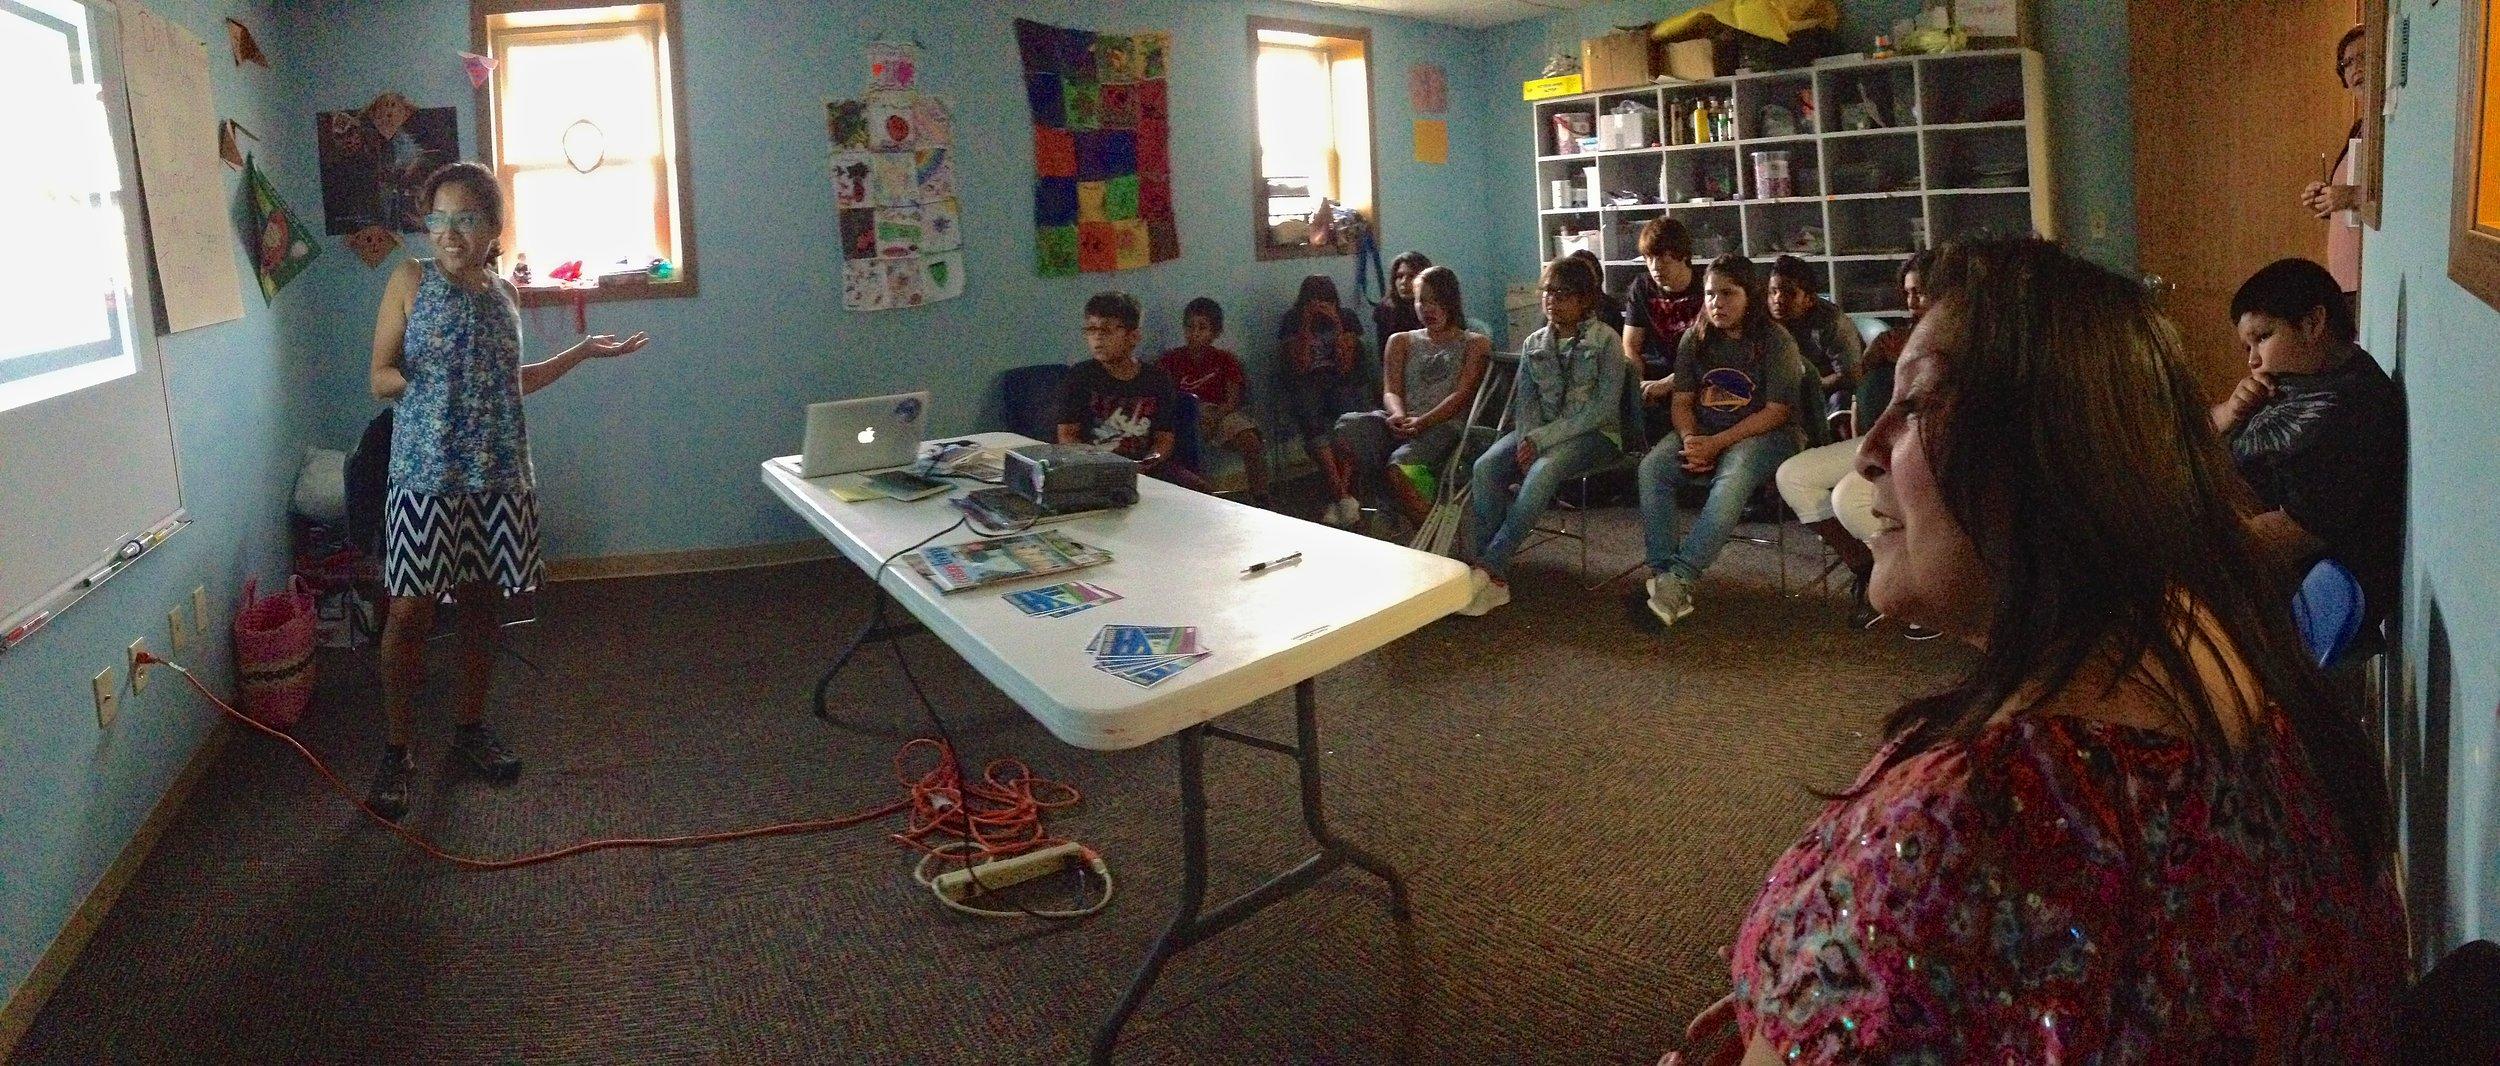 Connie Fiorella Fitzpatrick presenting at the Kickapoo Tribe's Boys & Girls Club